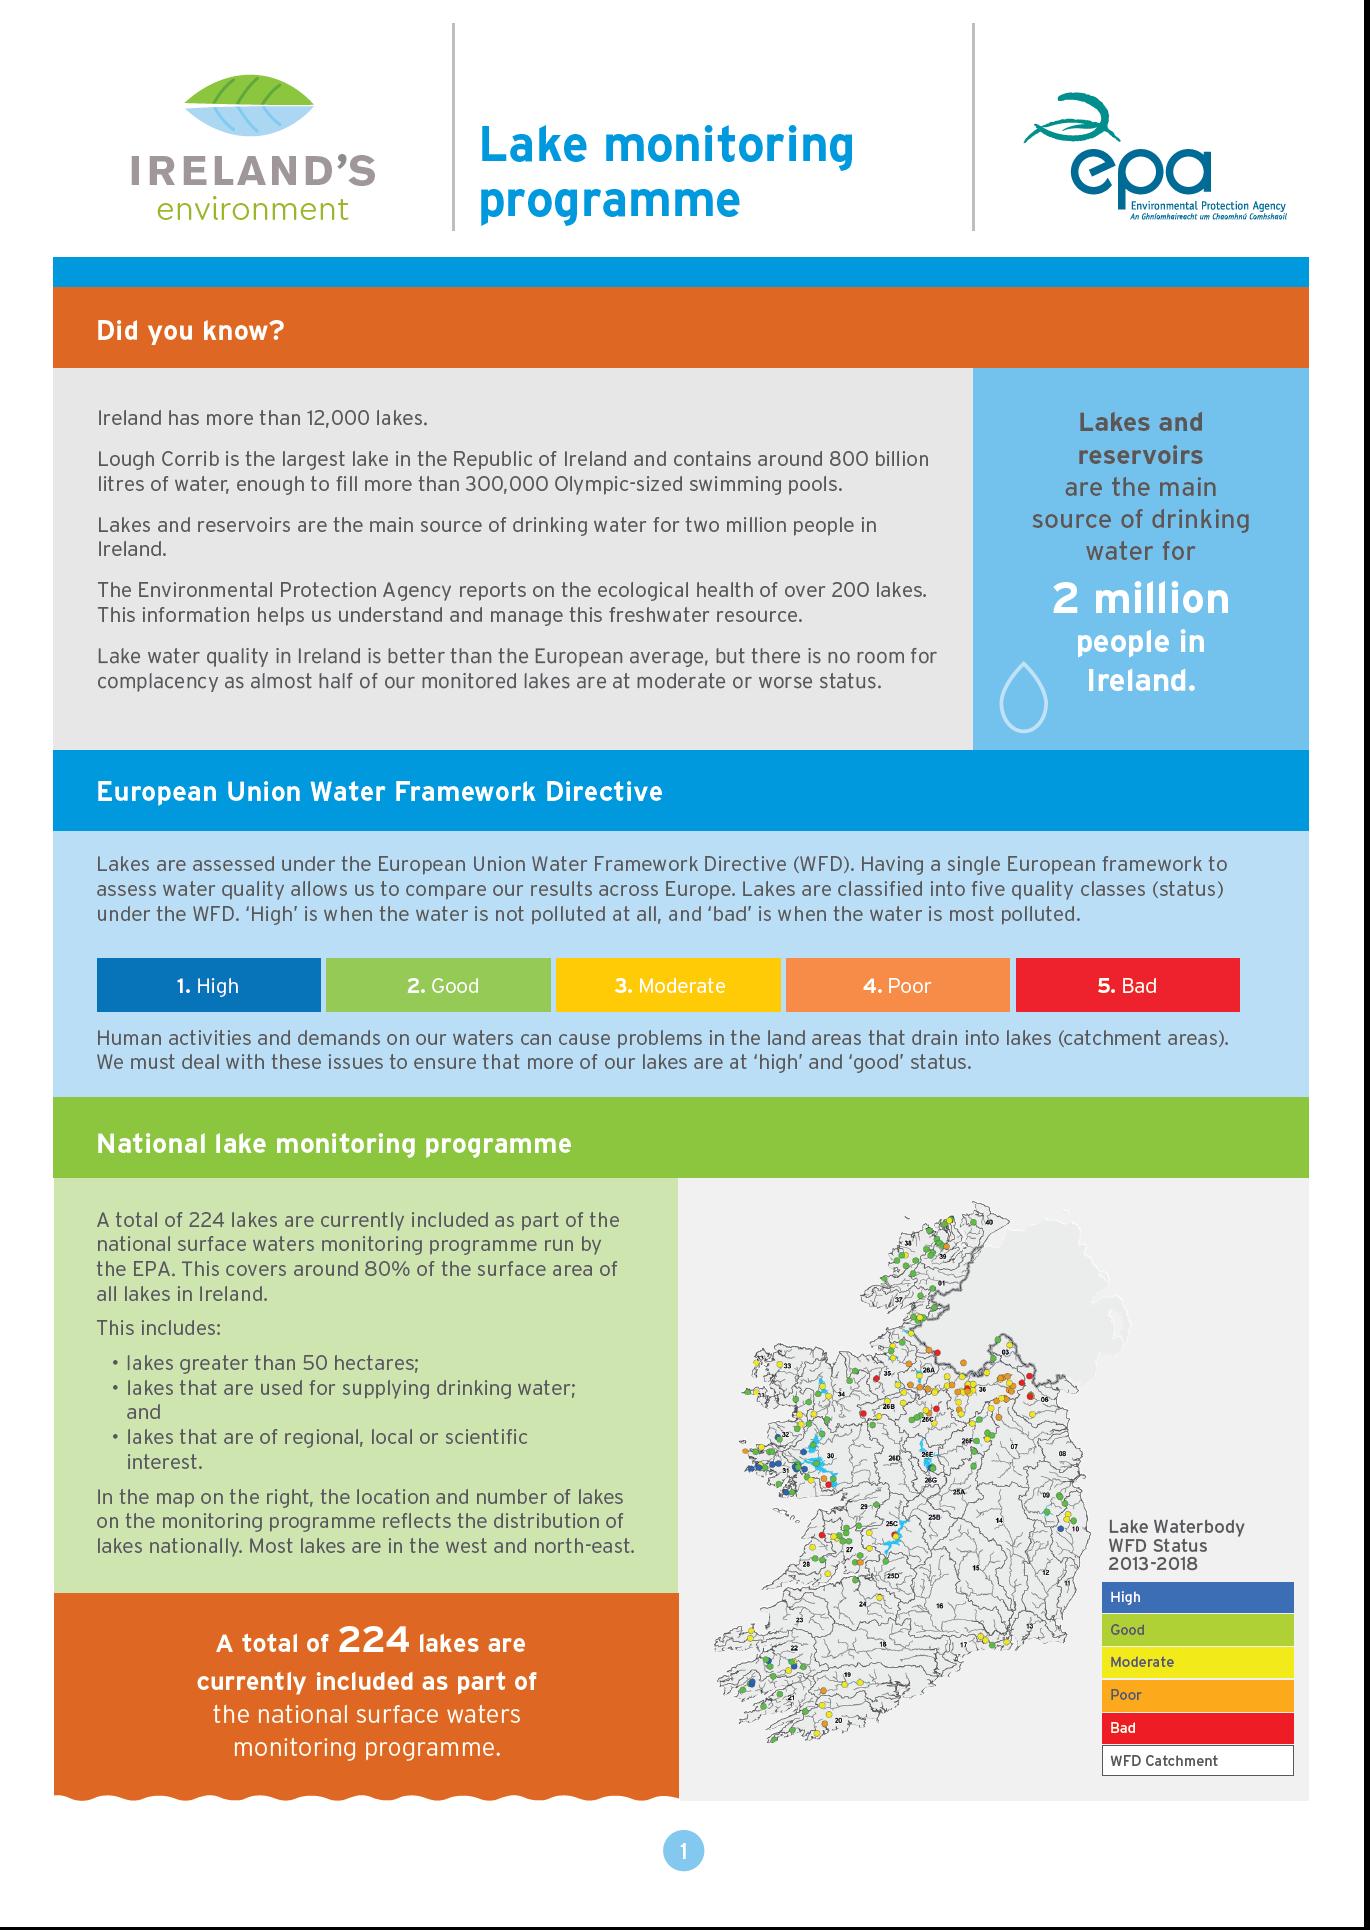 Lake monitoring programme factsheet